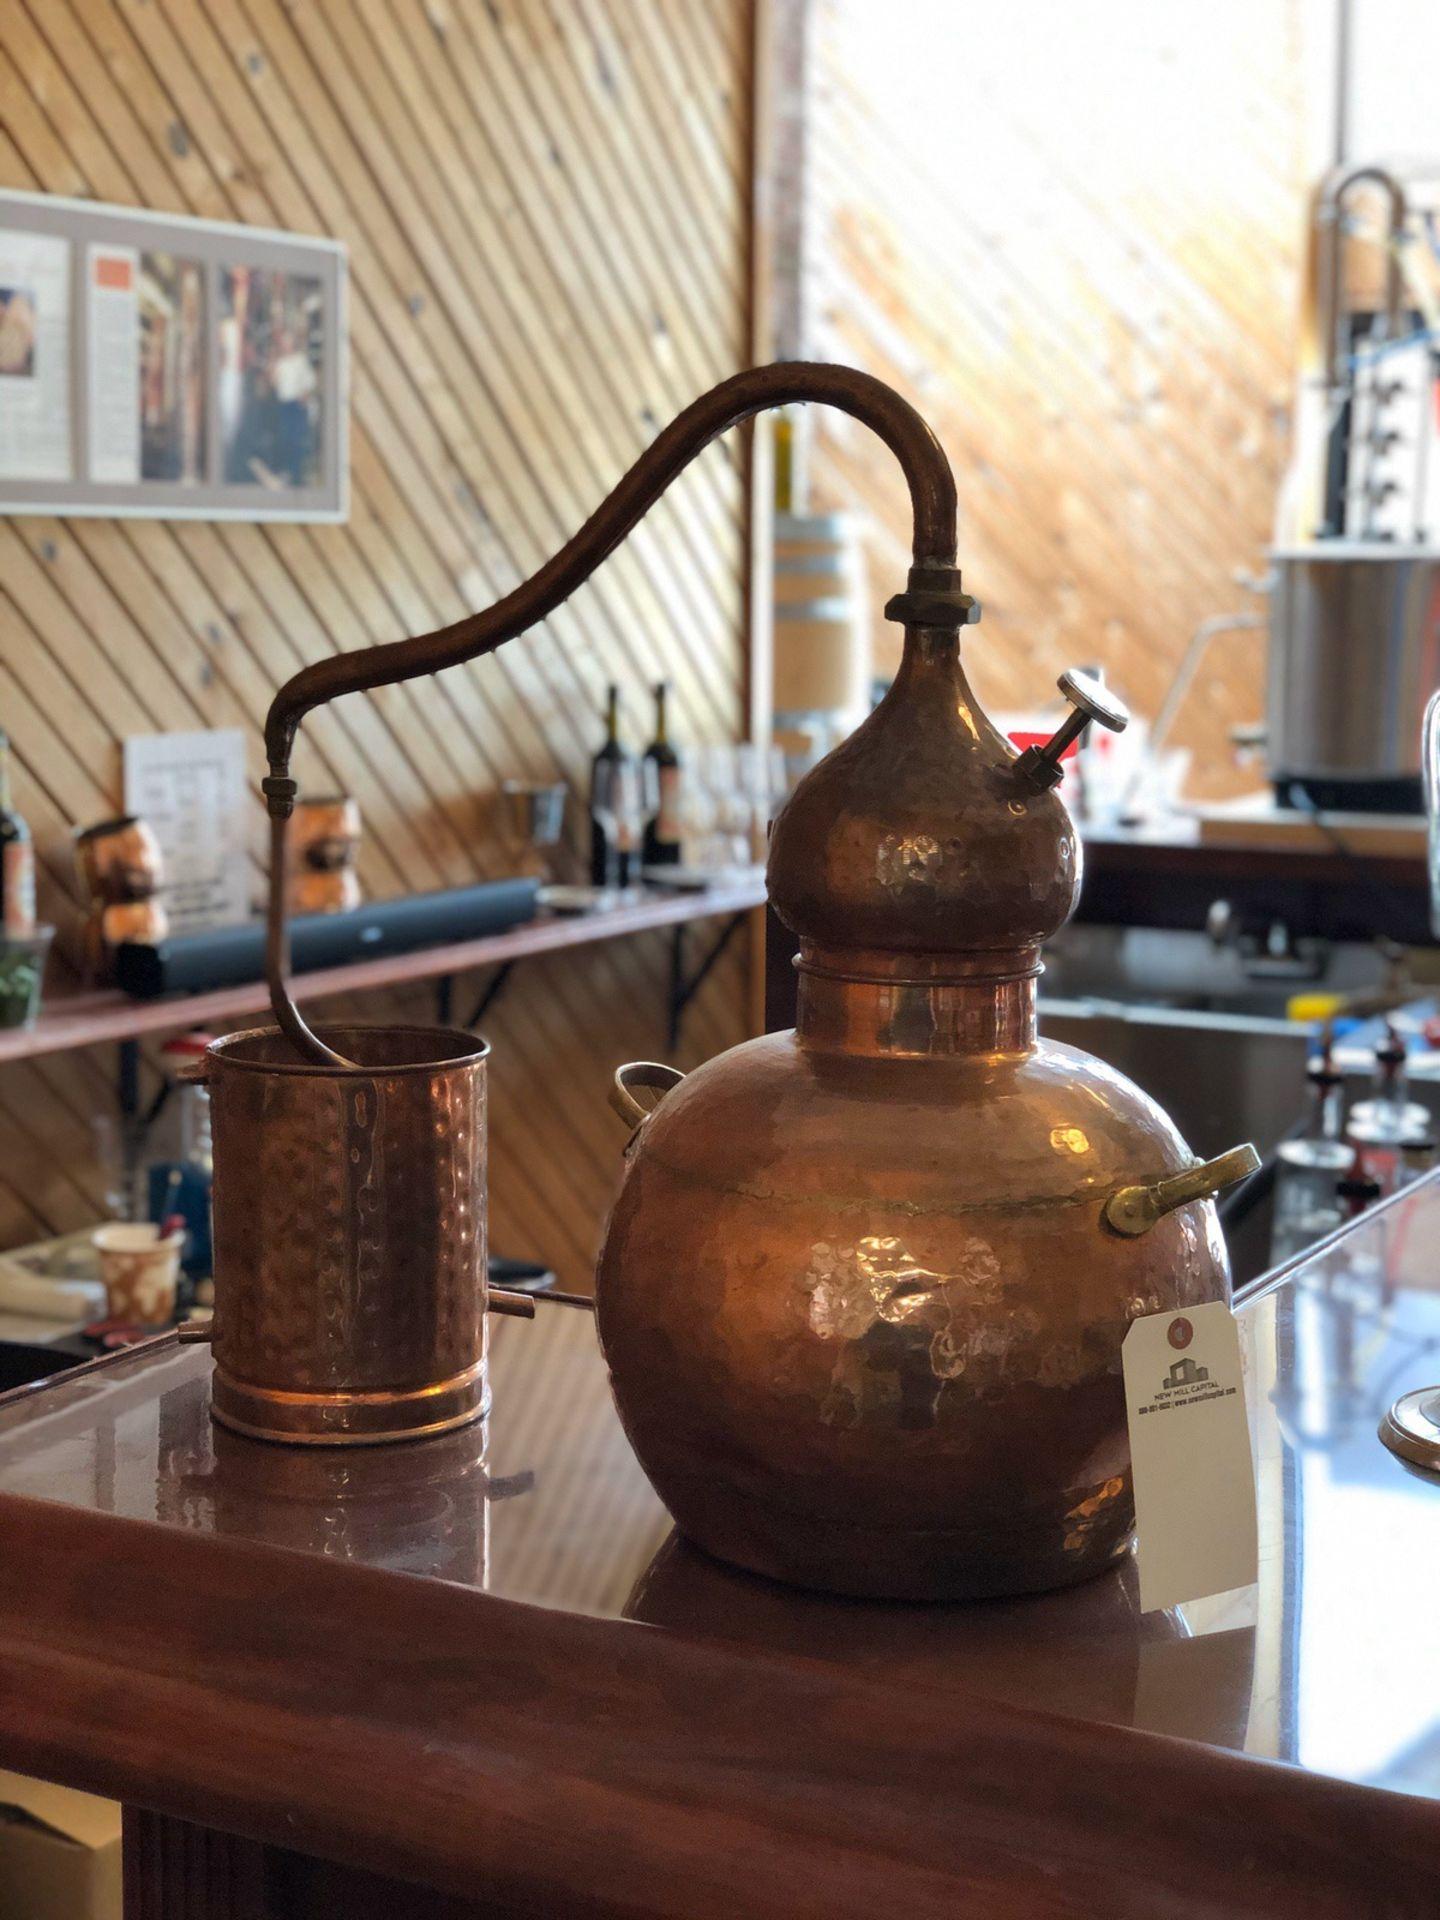 Lot 51 - Copper Display Still | Rig Fee: $50 or HC